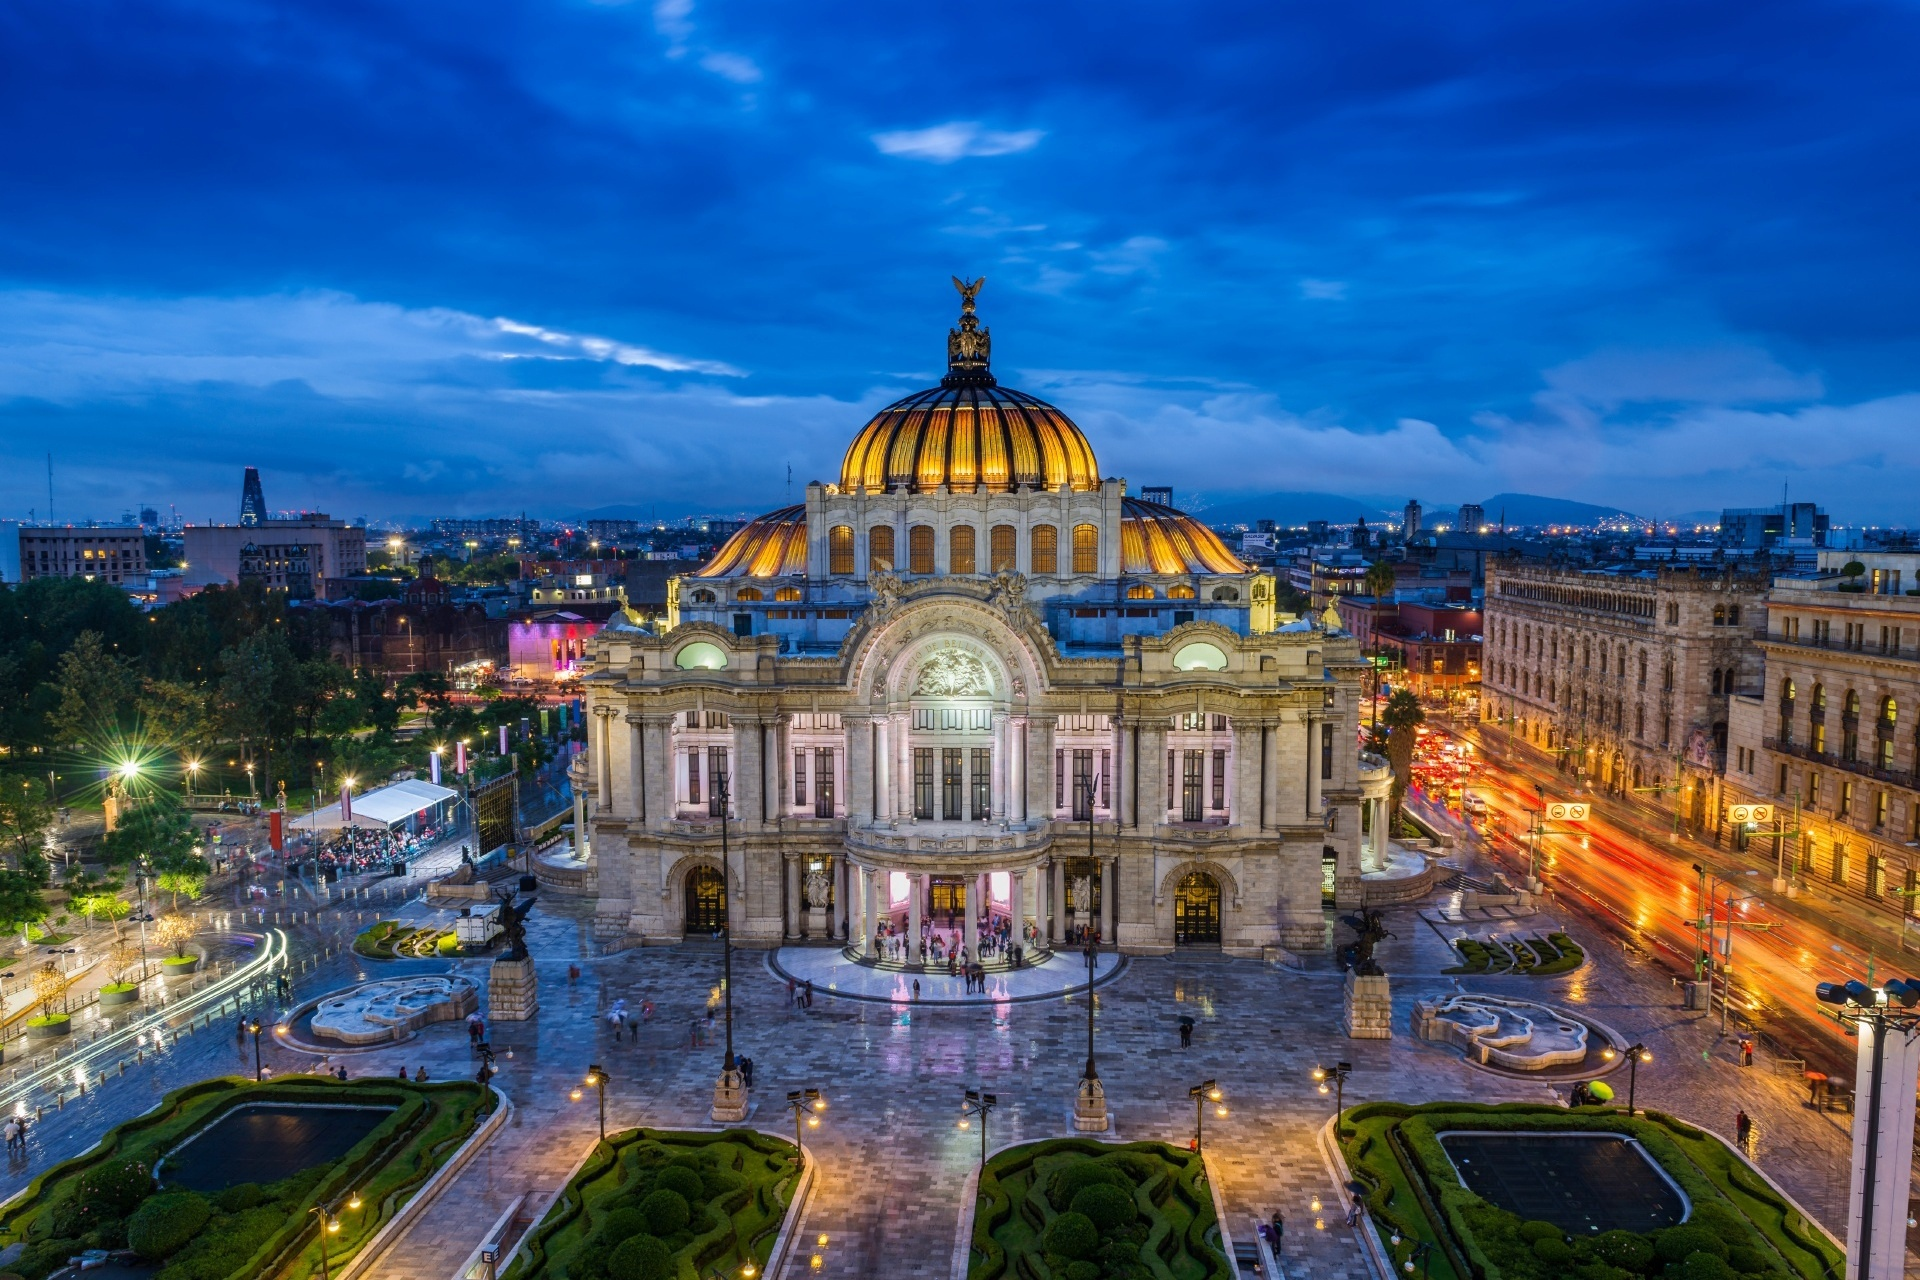 夕暮れのベジャス・アルテス宮殿 メキシコ・シティ メキシコの風景